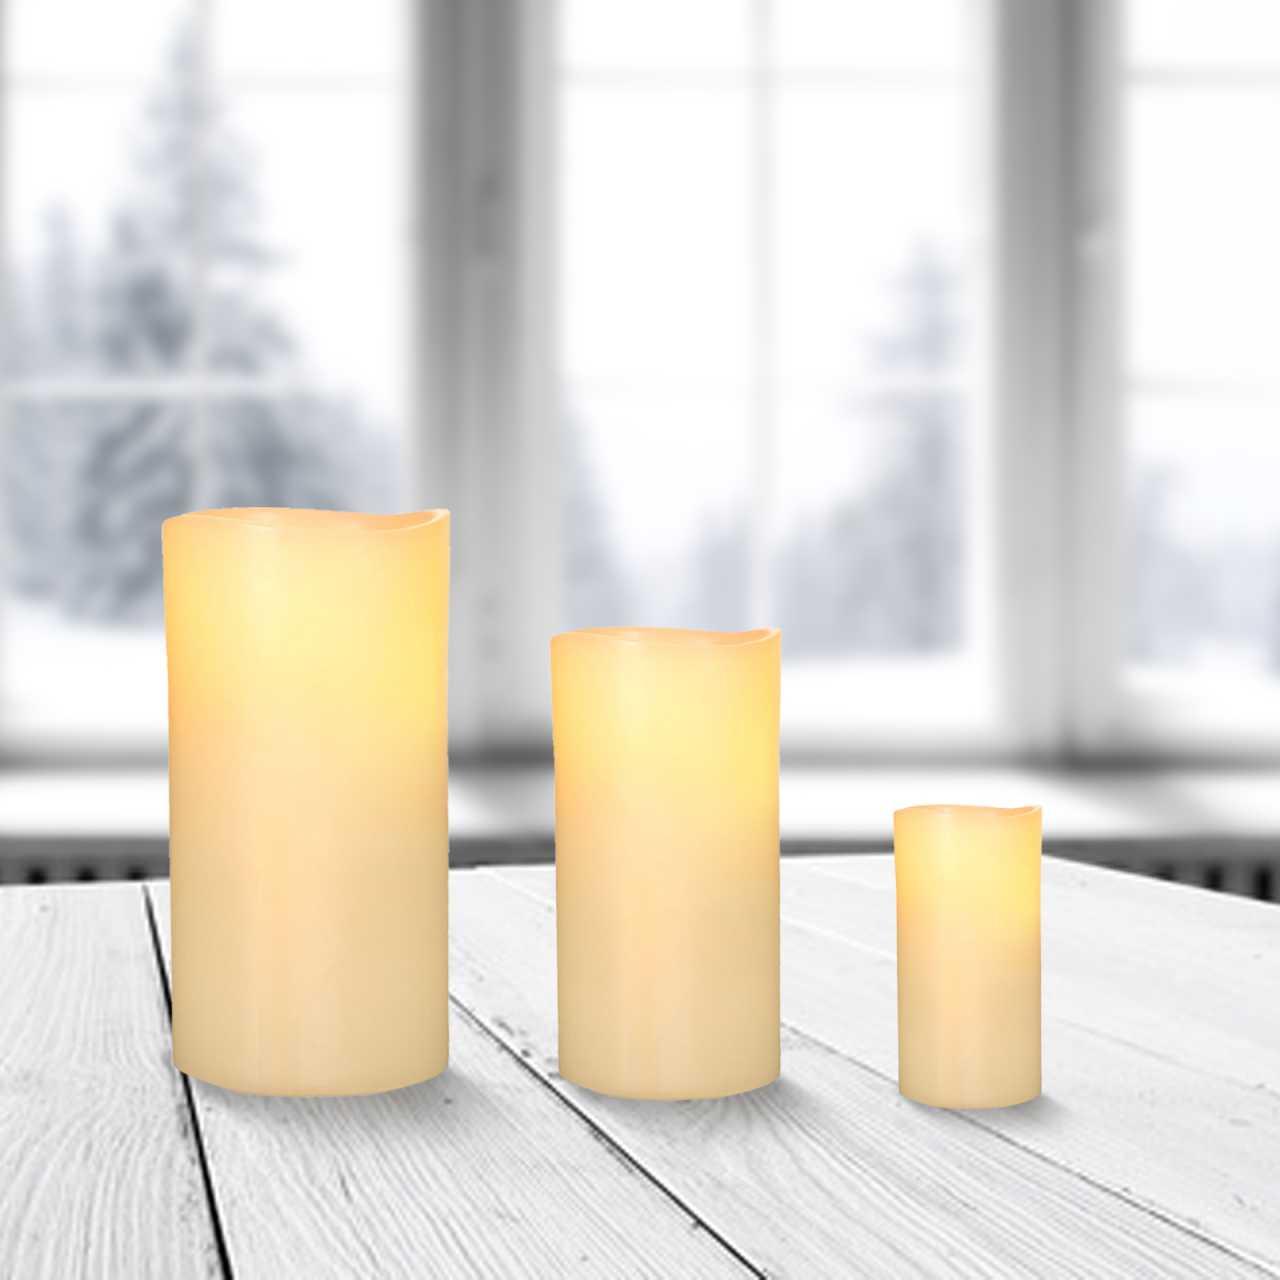 3x LED Kerzen Echtwachs Flackereffekt inkl. Batterie Ø 5cm Höhe 5cm / 7,5cm / 10cm